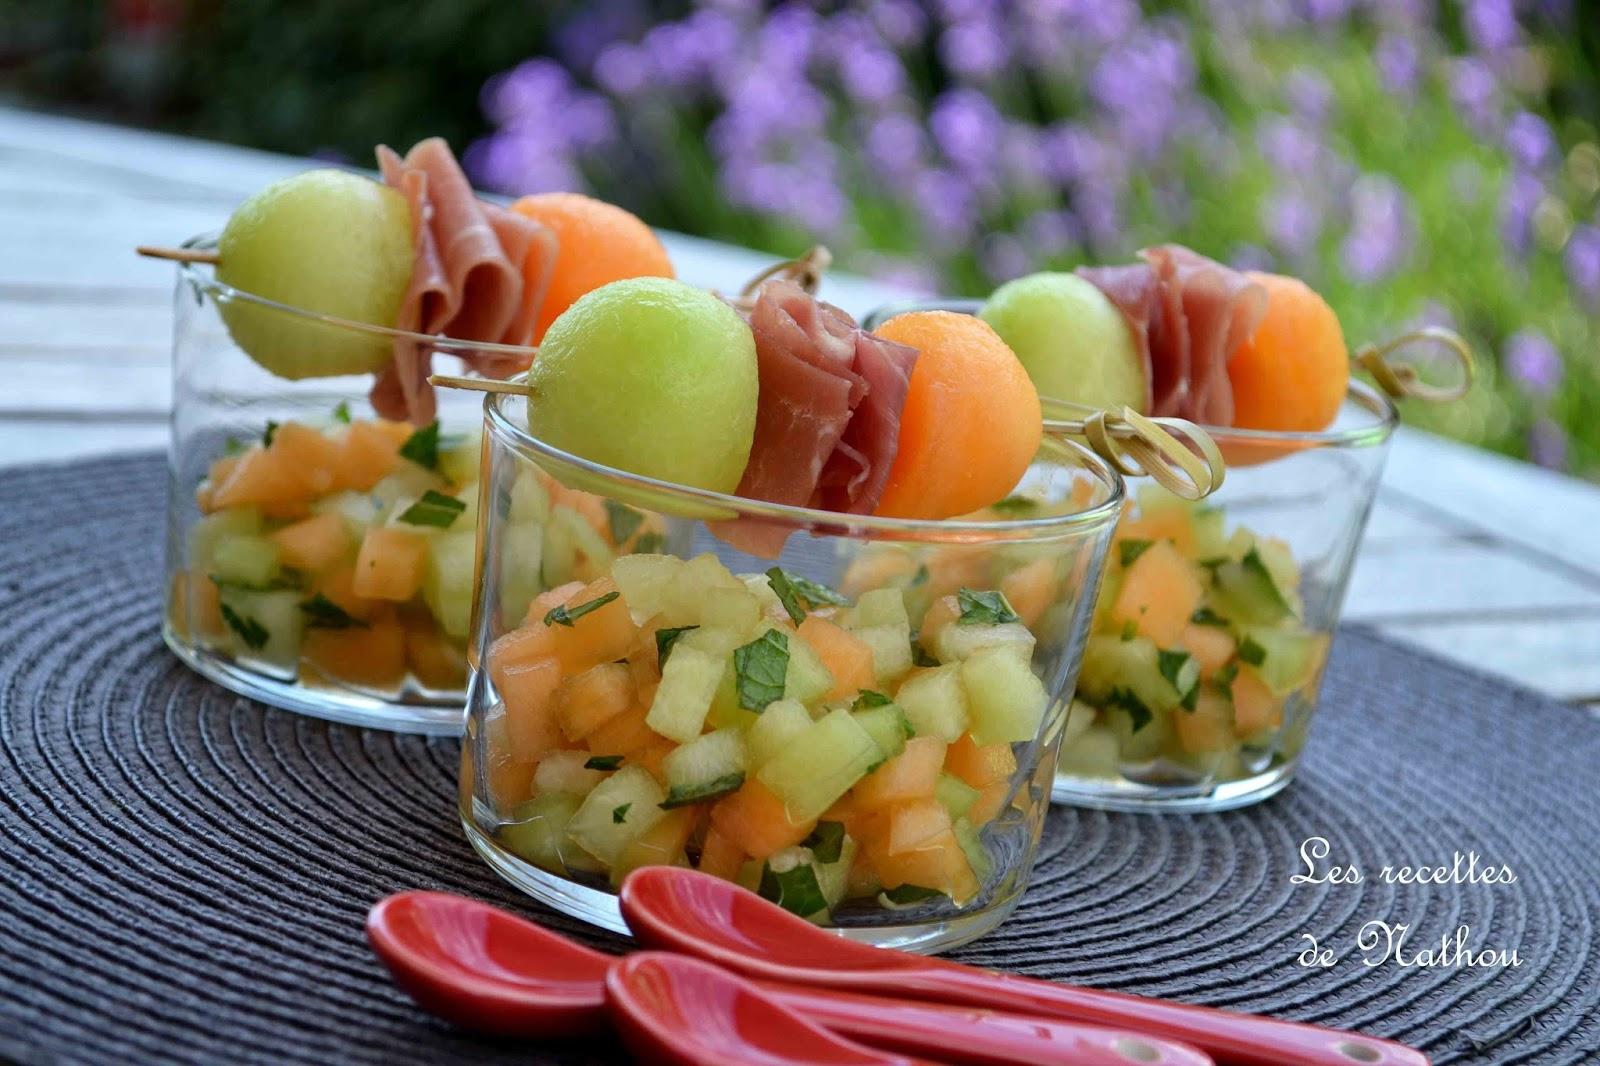 ma cuisine au fil de mes id es verrines aux 2 melons marin s l 39 orange et la menthe. Black Bedroom Furniture Sets. Home Design Ideas